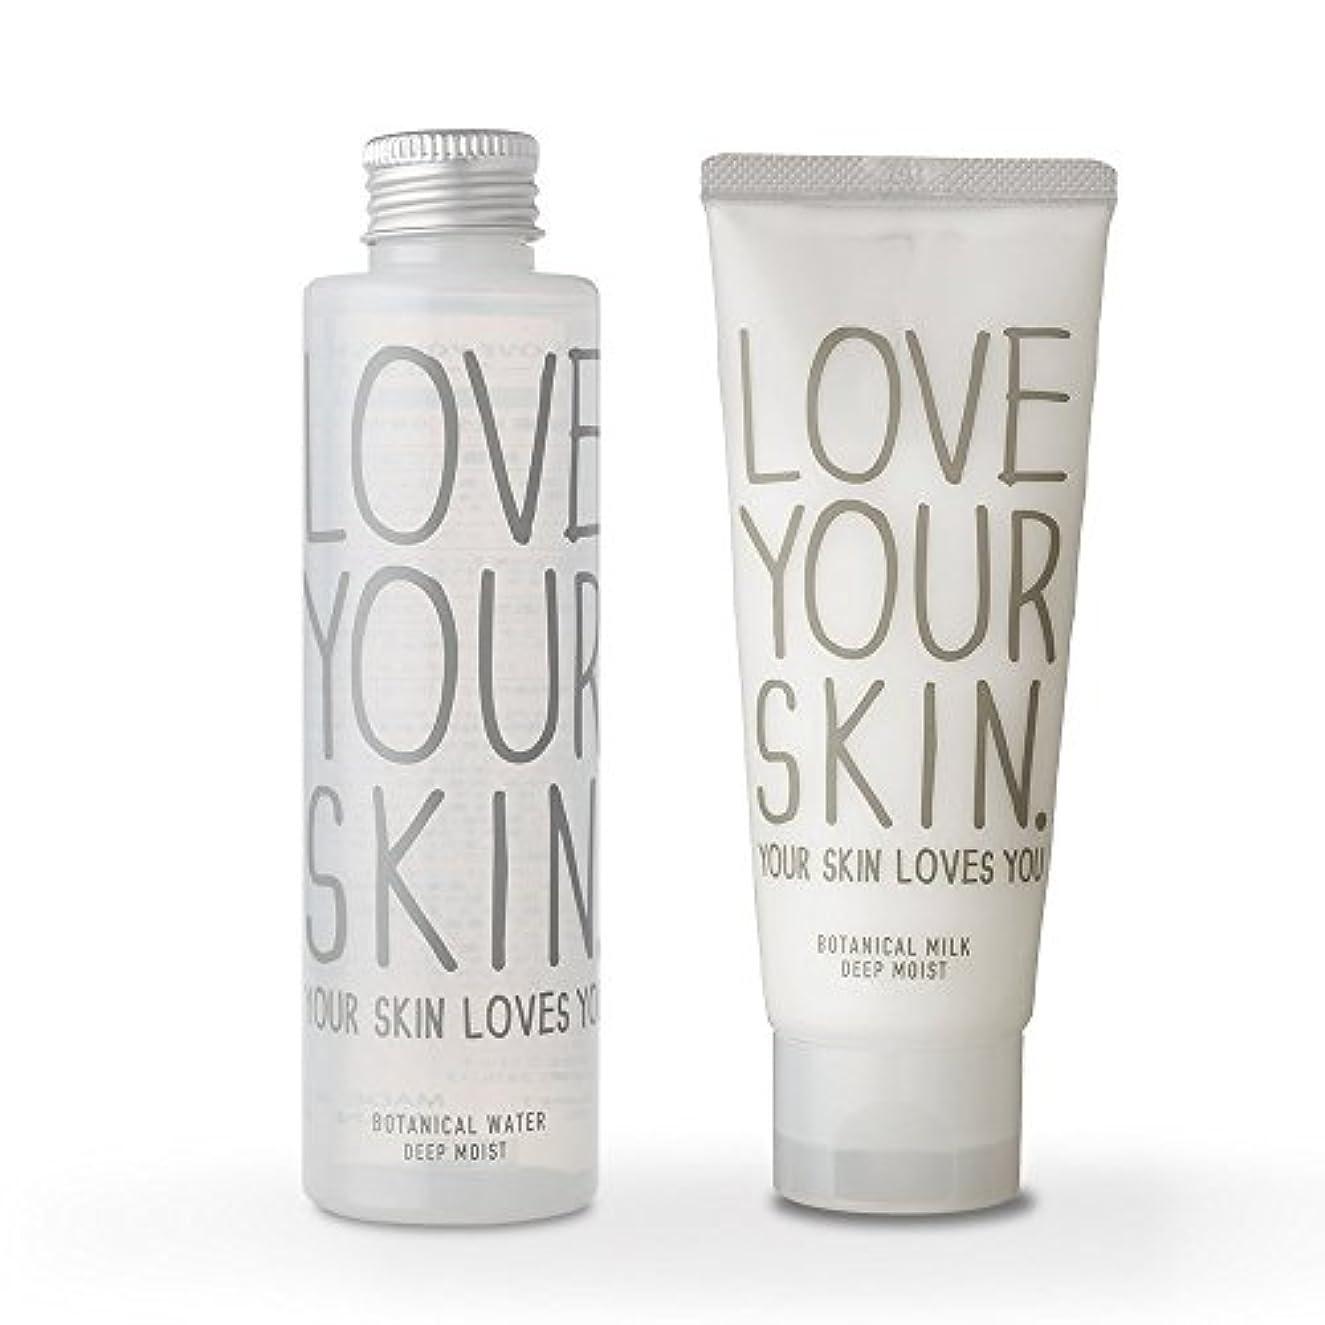 空気守る対処【セット】LOVE YOUR SKIN ボタニカルウォーター Ⅱ (化粧水) 160ml & ボタニカルミルク Ⅱ (乳液) 100g